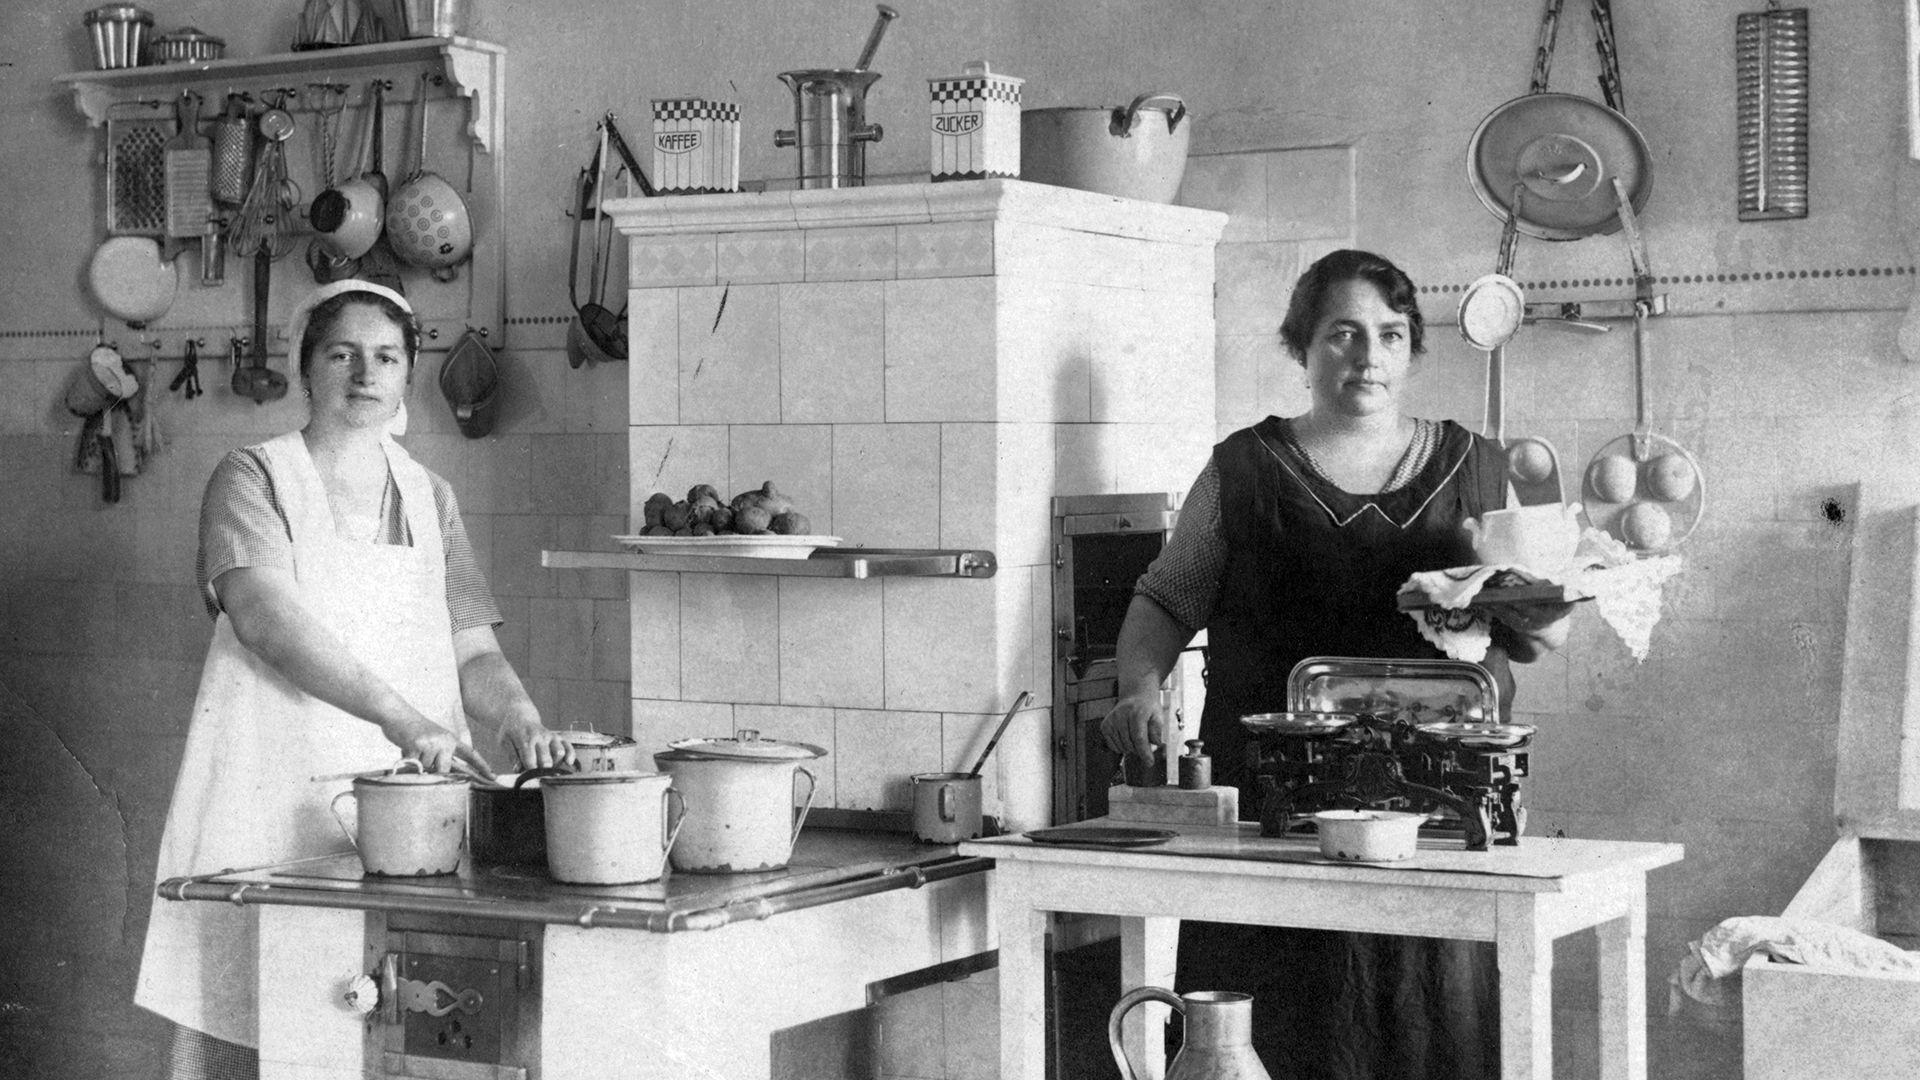 régi konyha, főzés, fekete-fehér